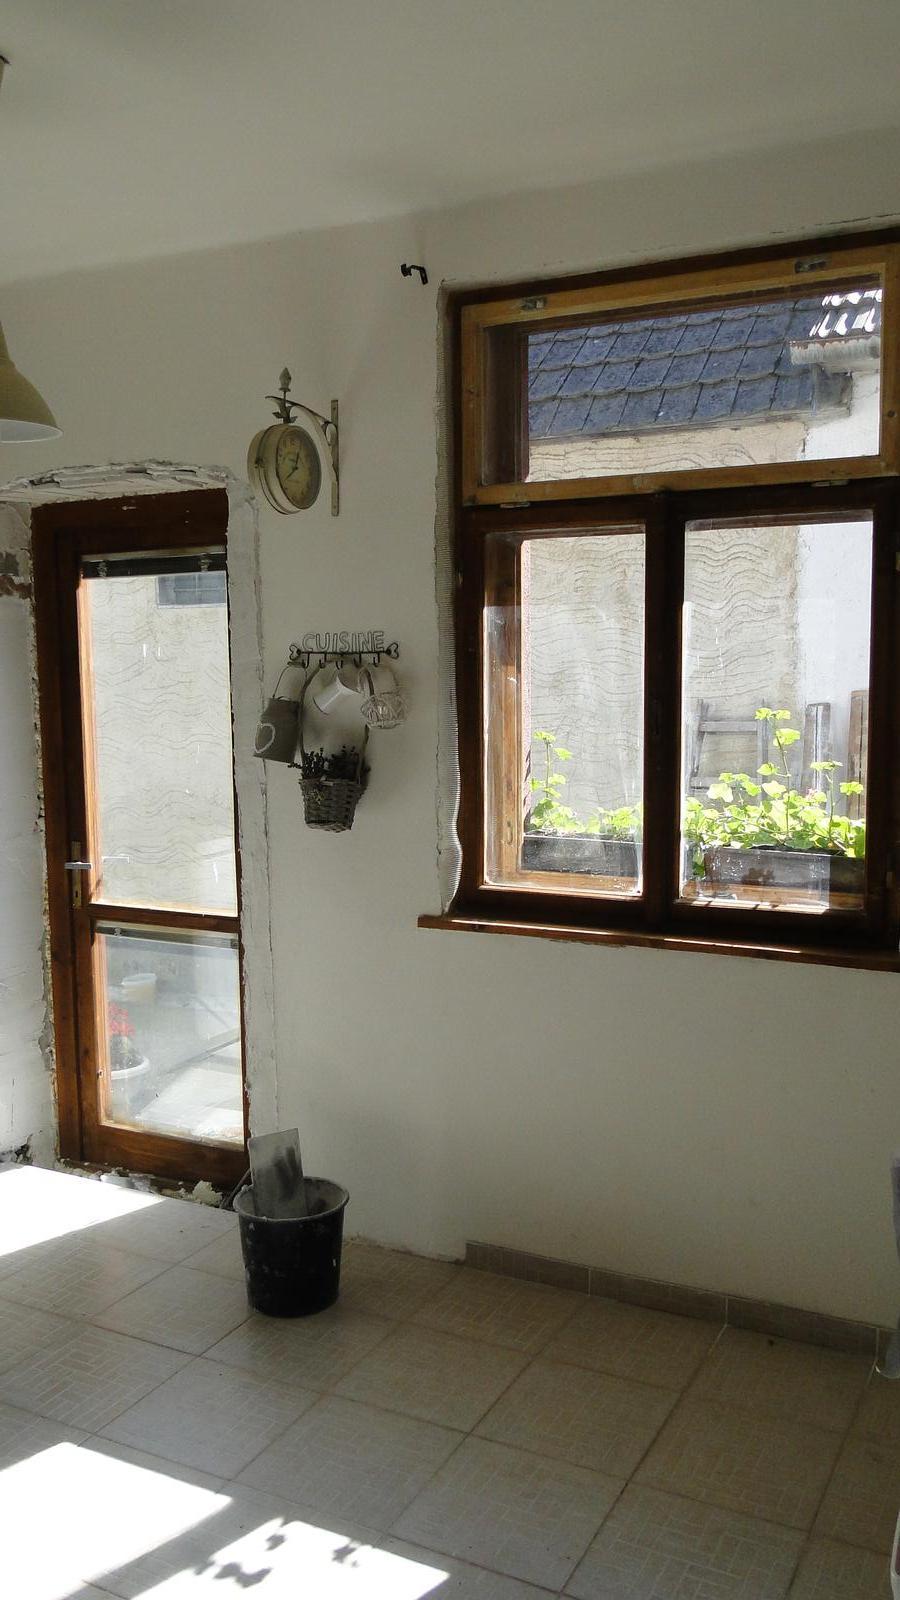 Bejvavalo - pribudli nam dvere, bude viac svetla juch. aa pustili sme sa do cistenia okien je to makacka ale stoji to za to :)